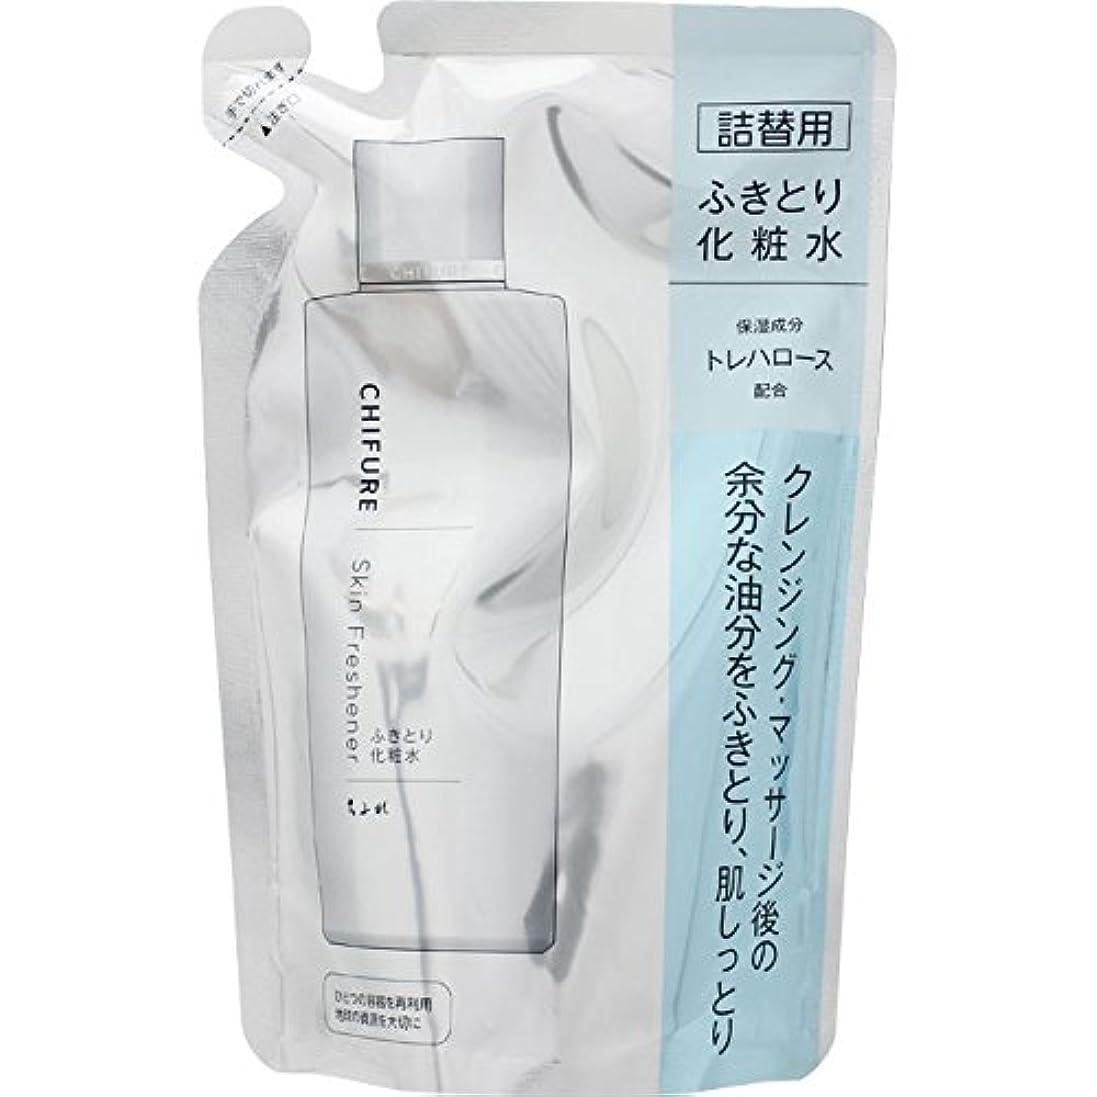 ストレージ論文ボクシングちふれ化粧品 ふきとり化粧水 詰替用 150ML